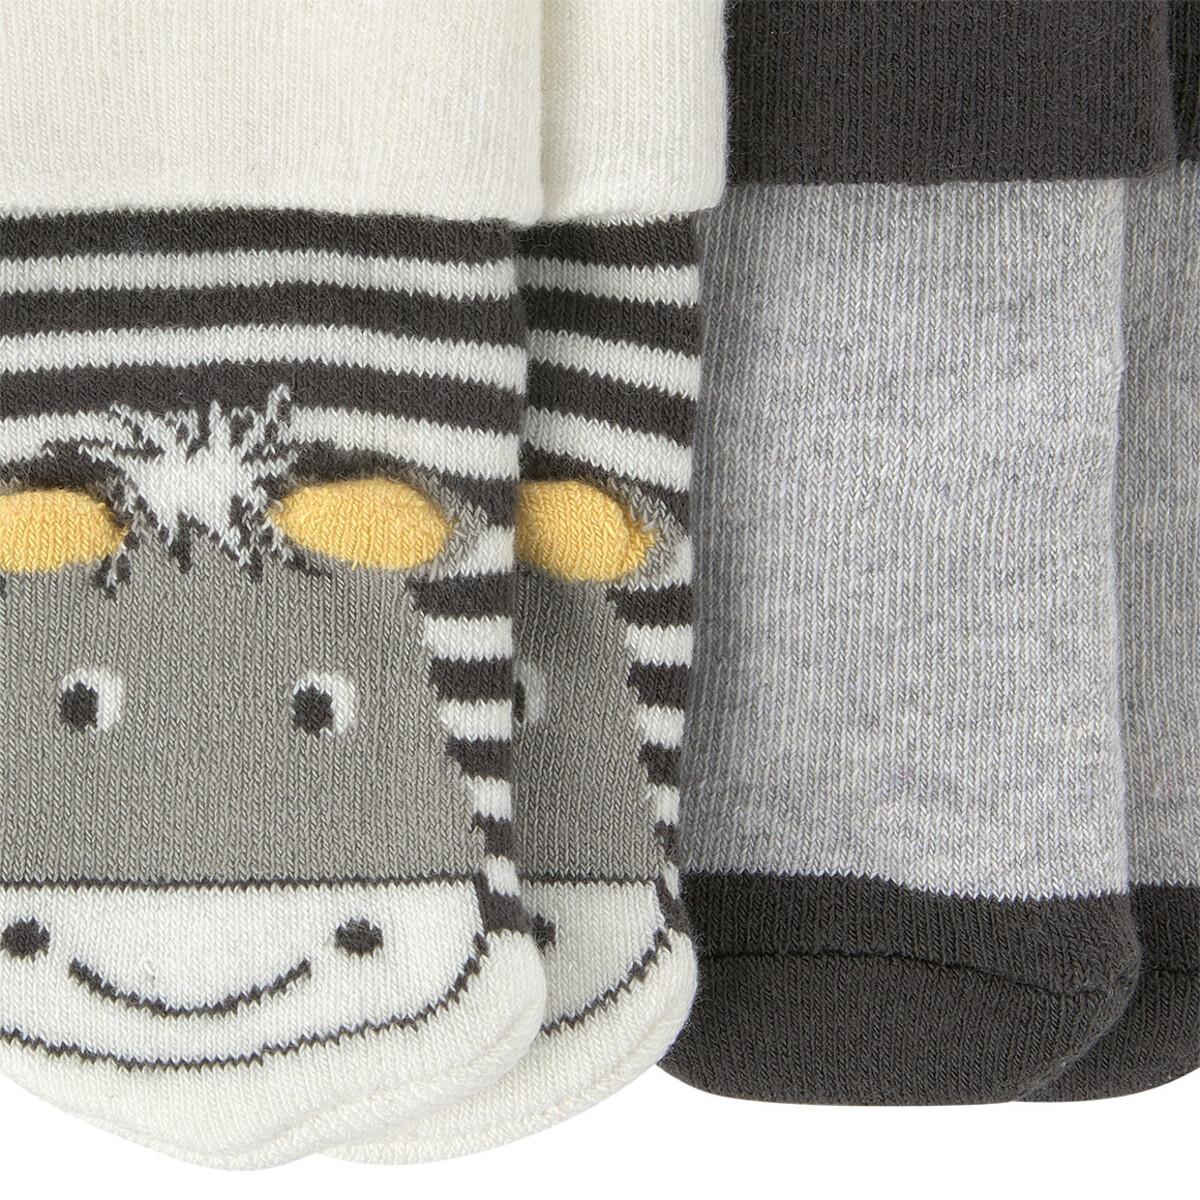 Bild 3 von 2 Paar Newborn Socken im Set